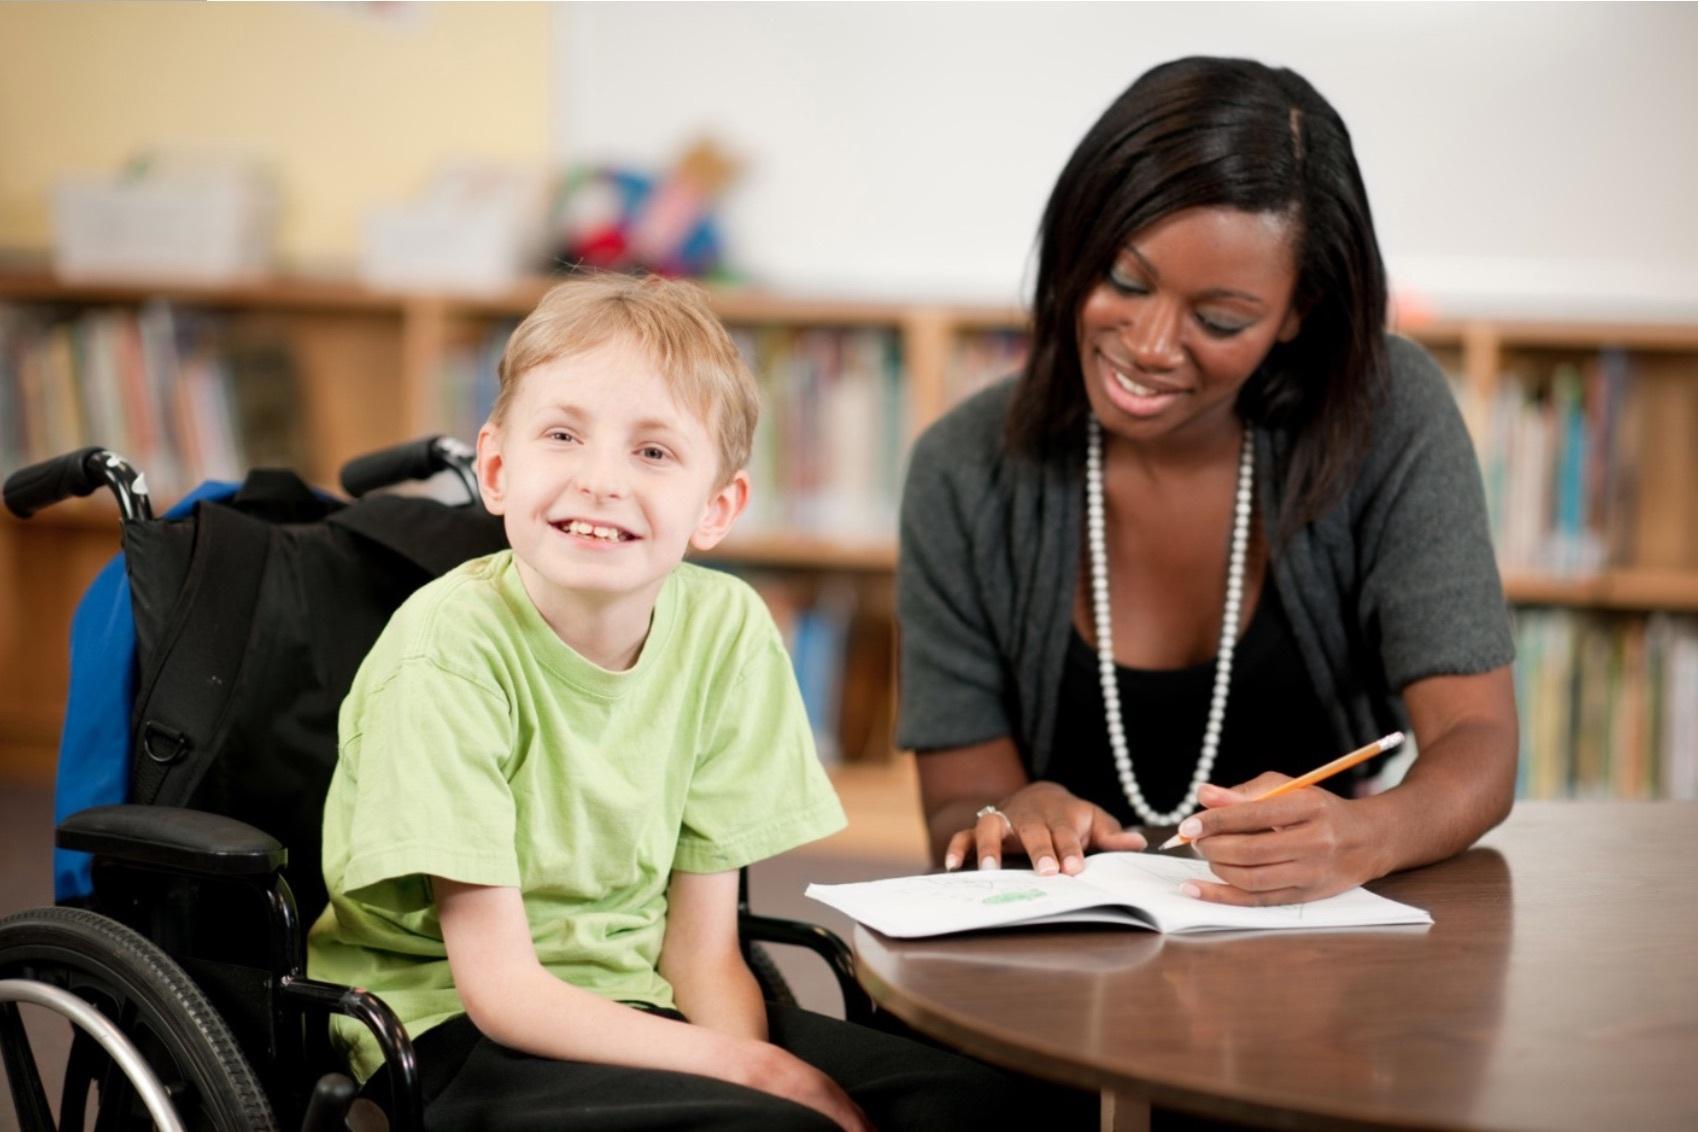 Babysitten op kinderen met speciale behoeften - Heb jij het in je?